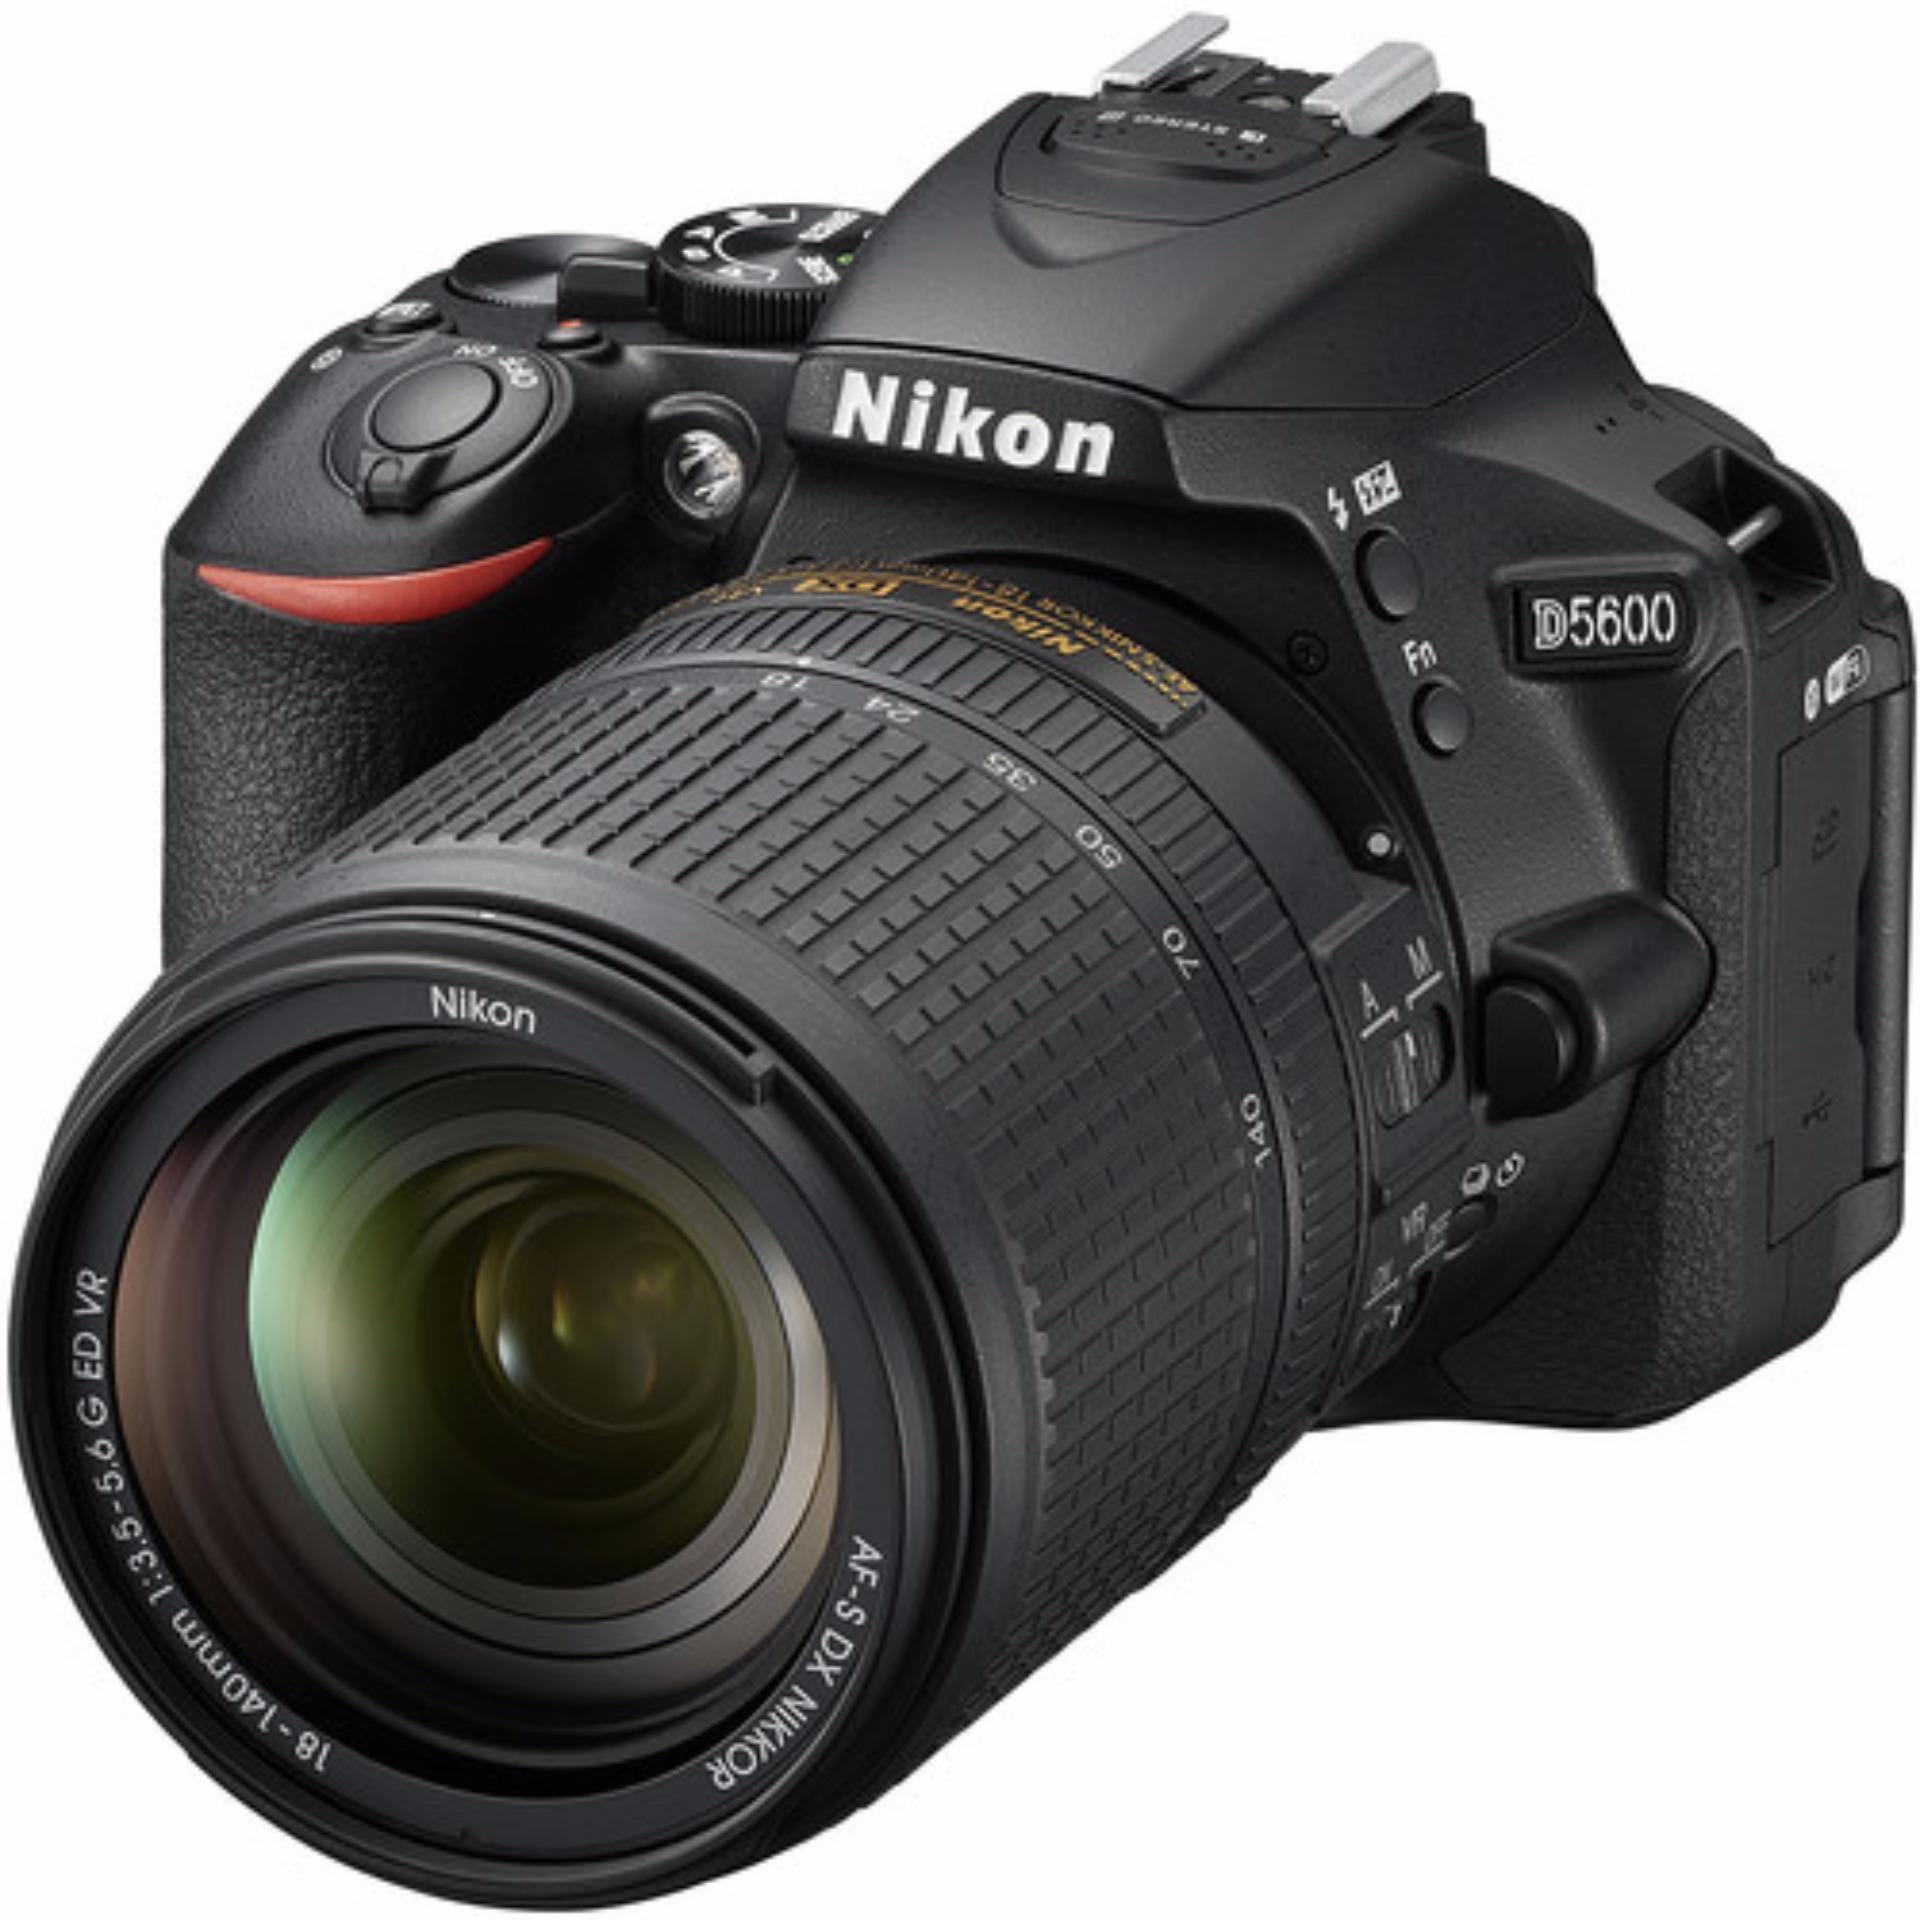 (Special Price) Nikon D5600 Kit (AF-S DX Nikkor 18-140mm F3.5-5.6G ED VR) (2 x 16GB SD Card, 1 x Bag)